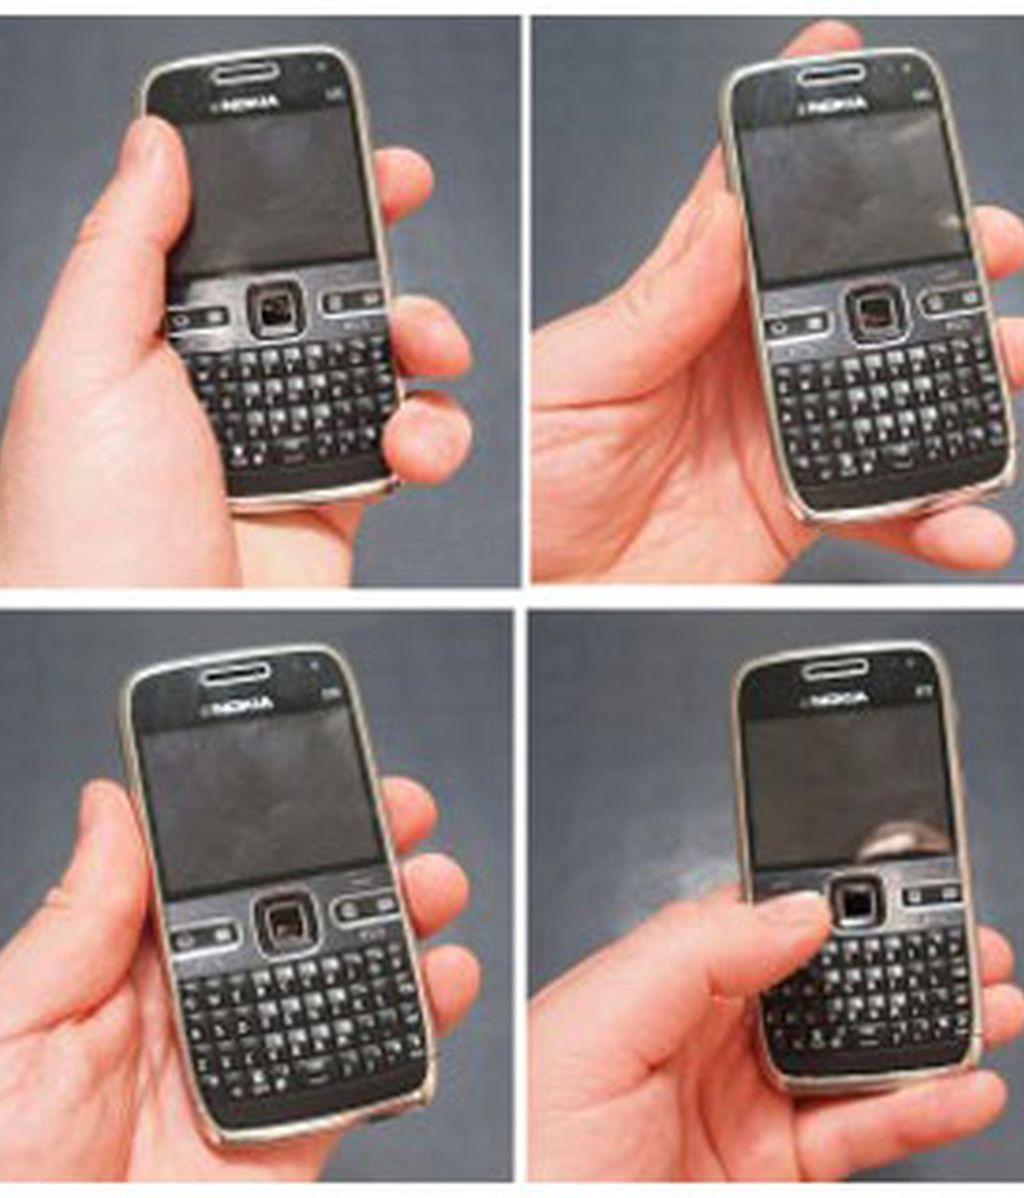 La guía de Nokia para usar demostrar que los usuarios zurdos no tienen problemas de recepción de cualquier manera que cojan el móvil.